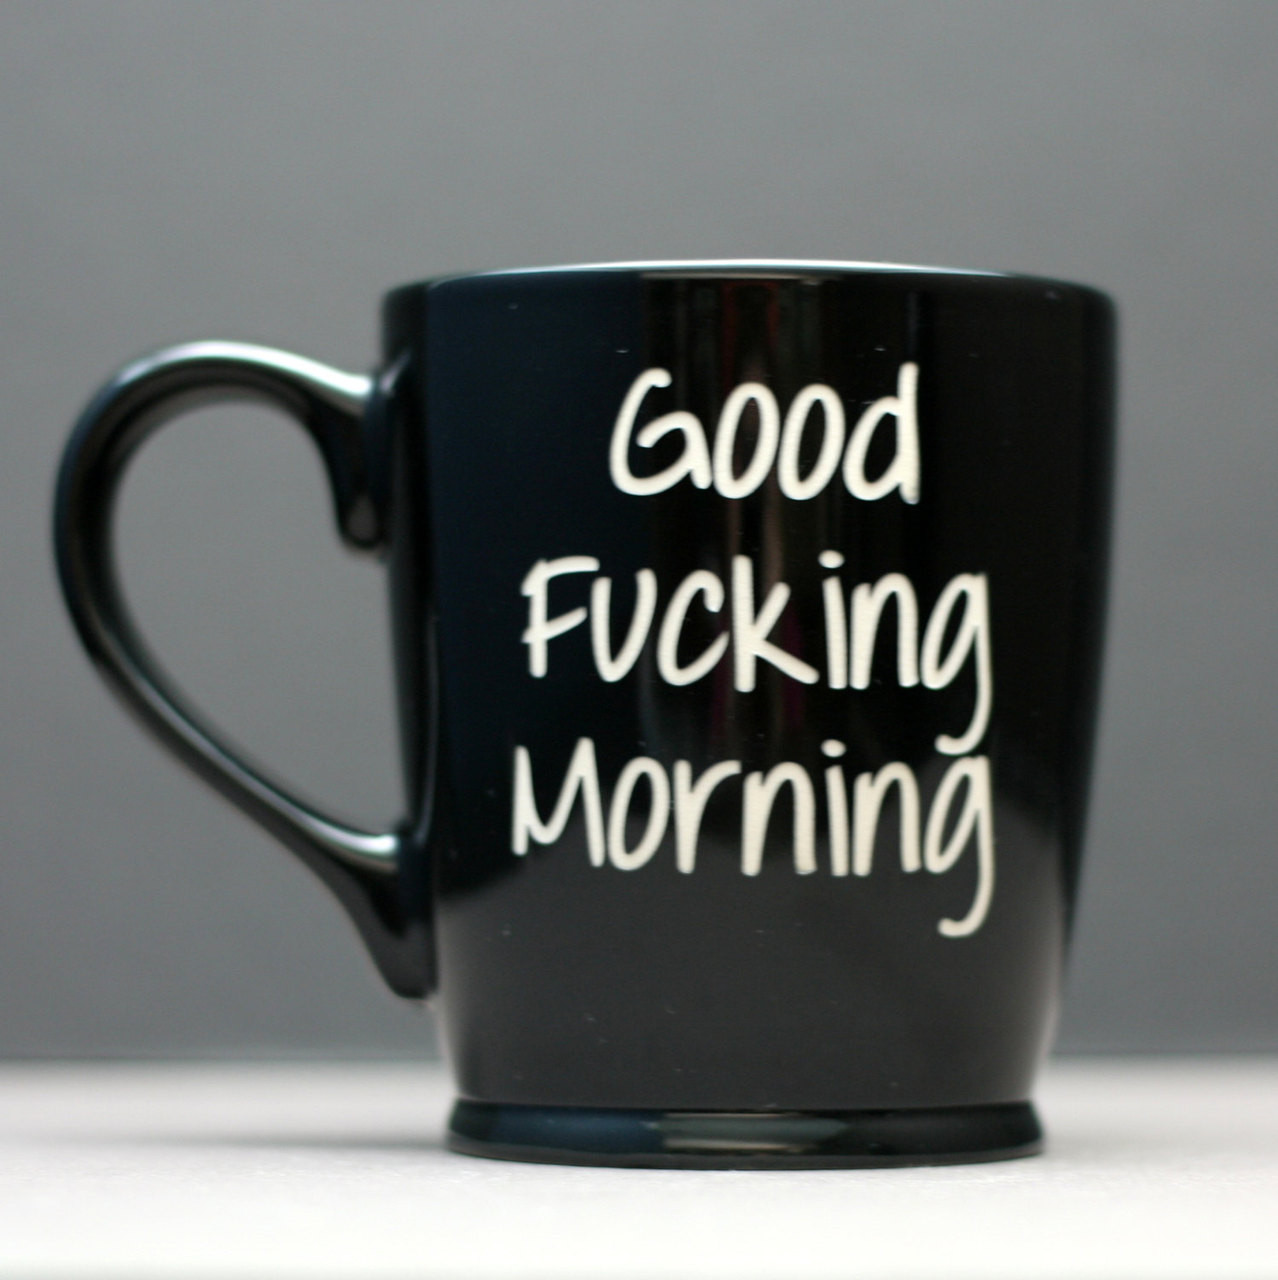 Good fucking morning